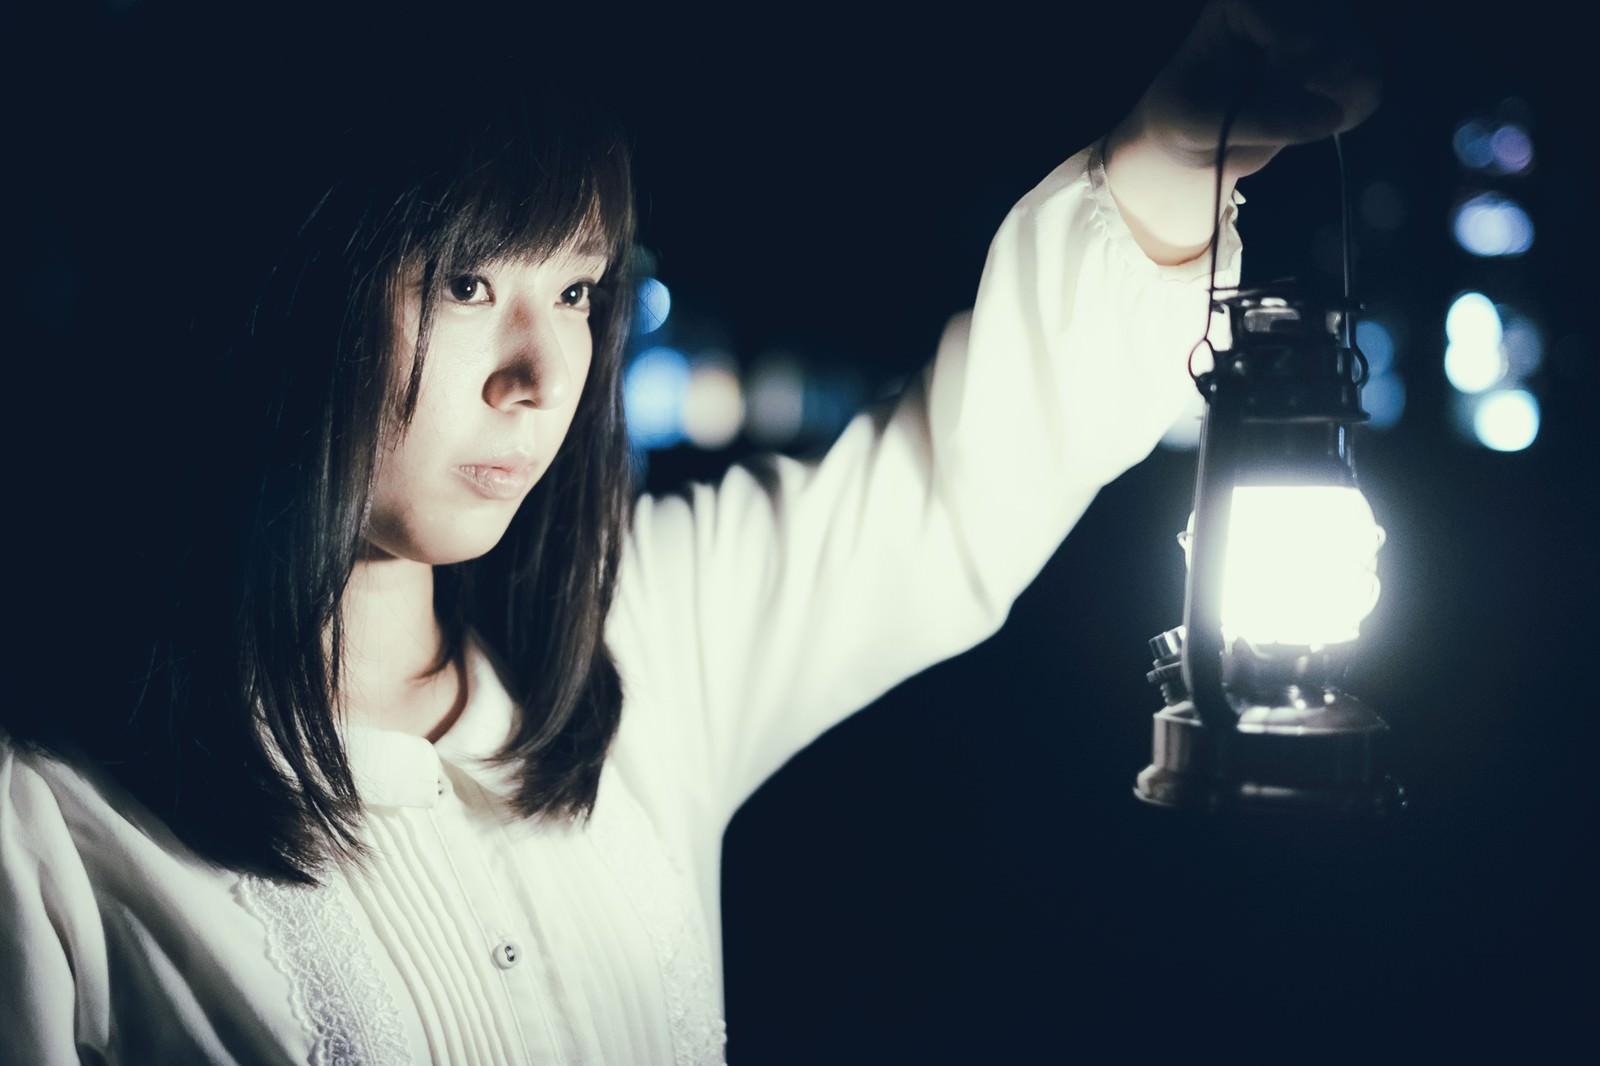 「夜に明かりを灯すランタンと女性夜に明かりを灯すランタンと女性」[モデル:さとうゆい]のフリー写真素材を拡大